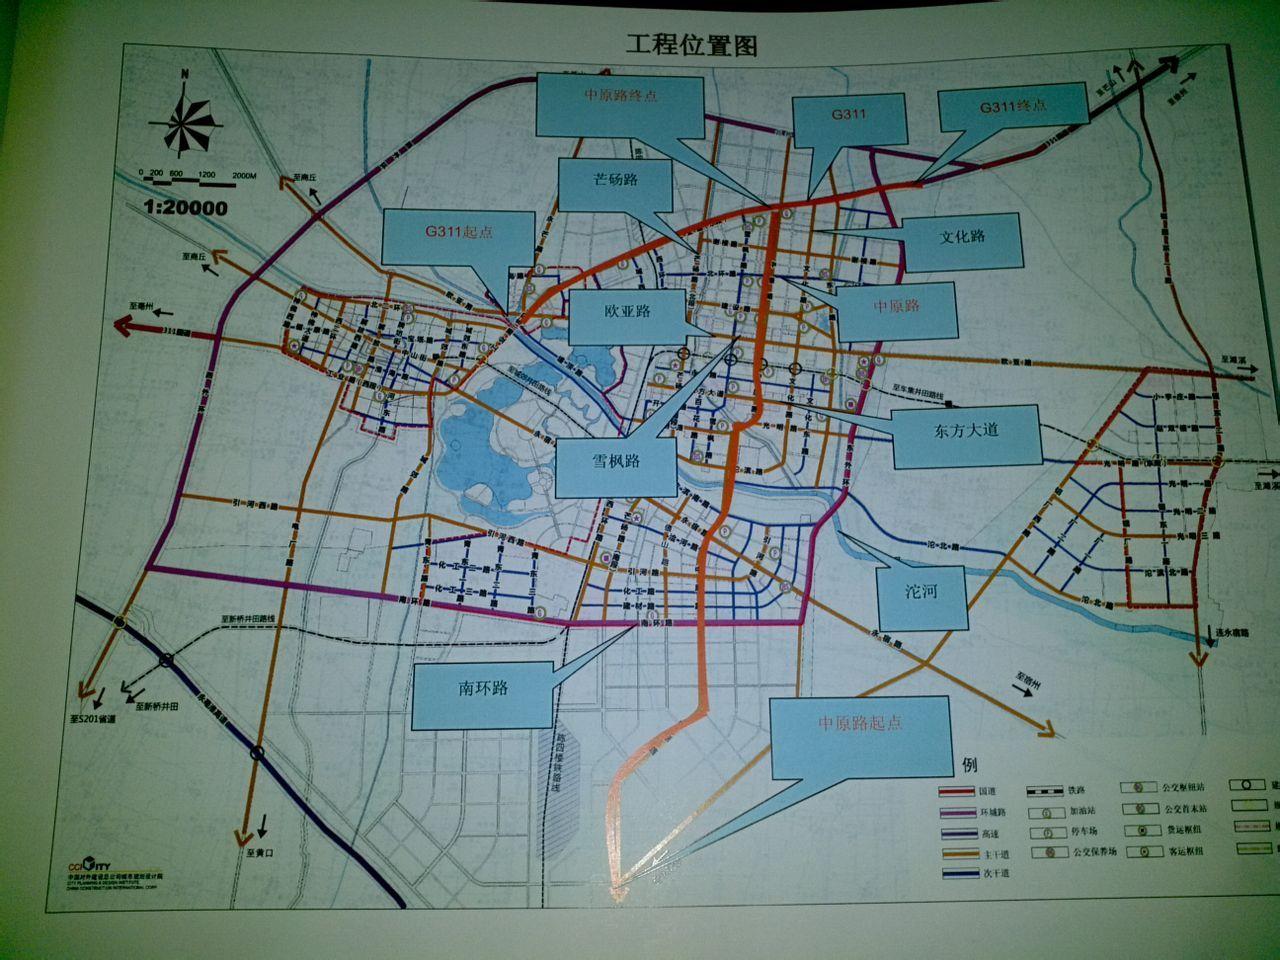 我国按照道路使用特点,可分为城市道路,公路,厂矿道路,林区道路和乡村